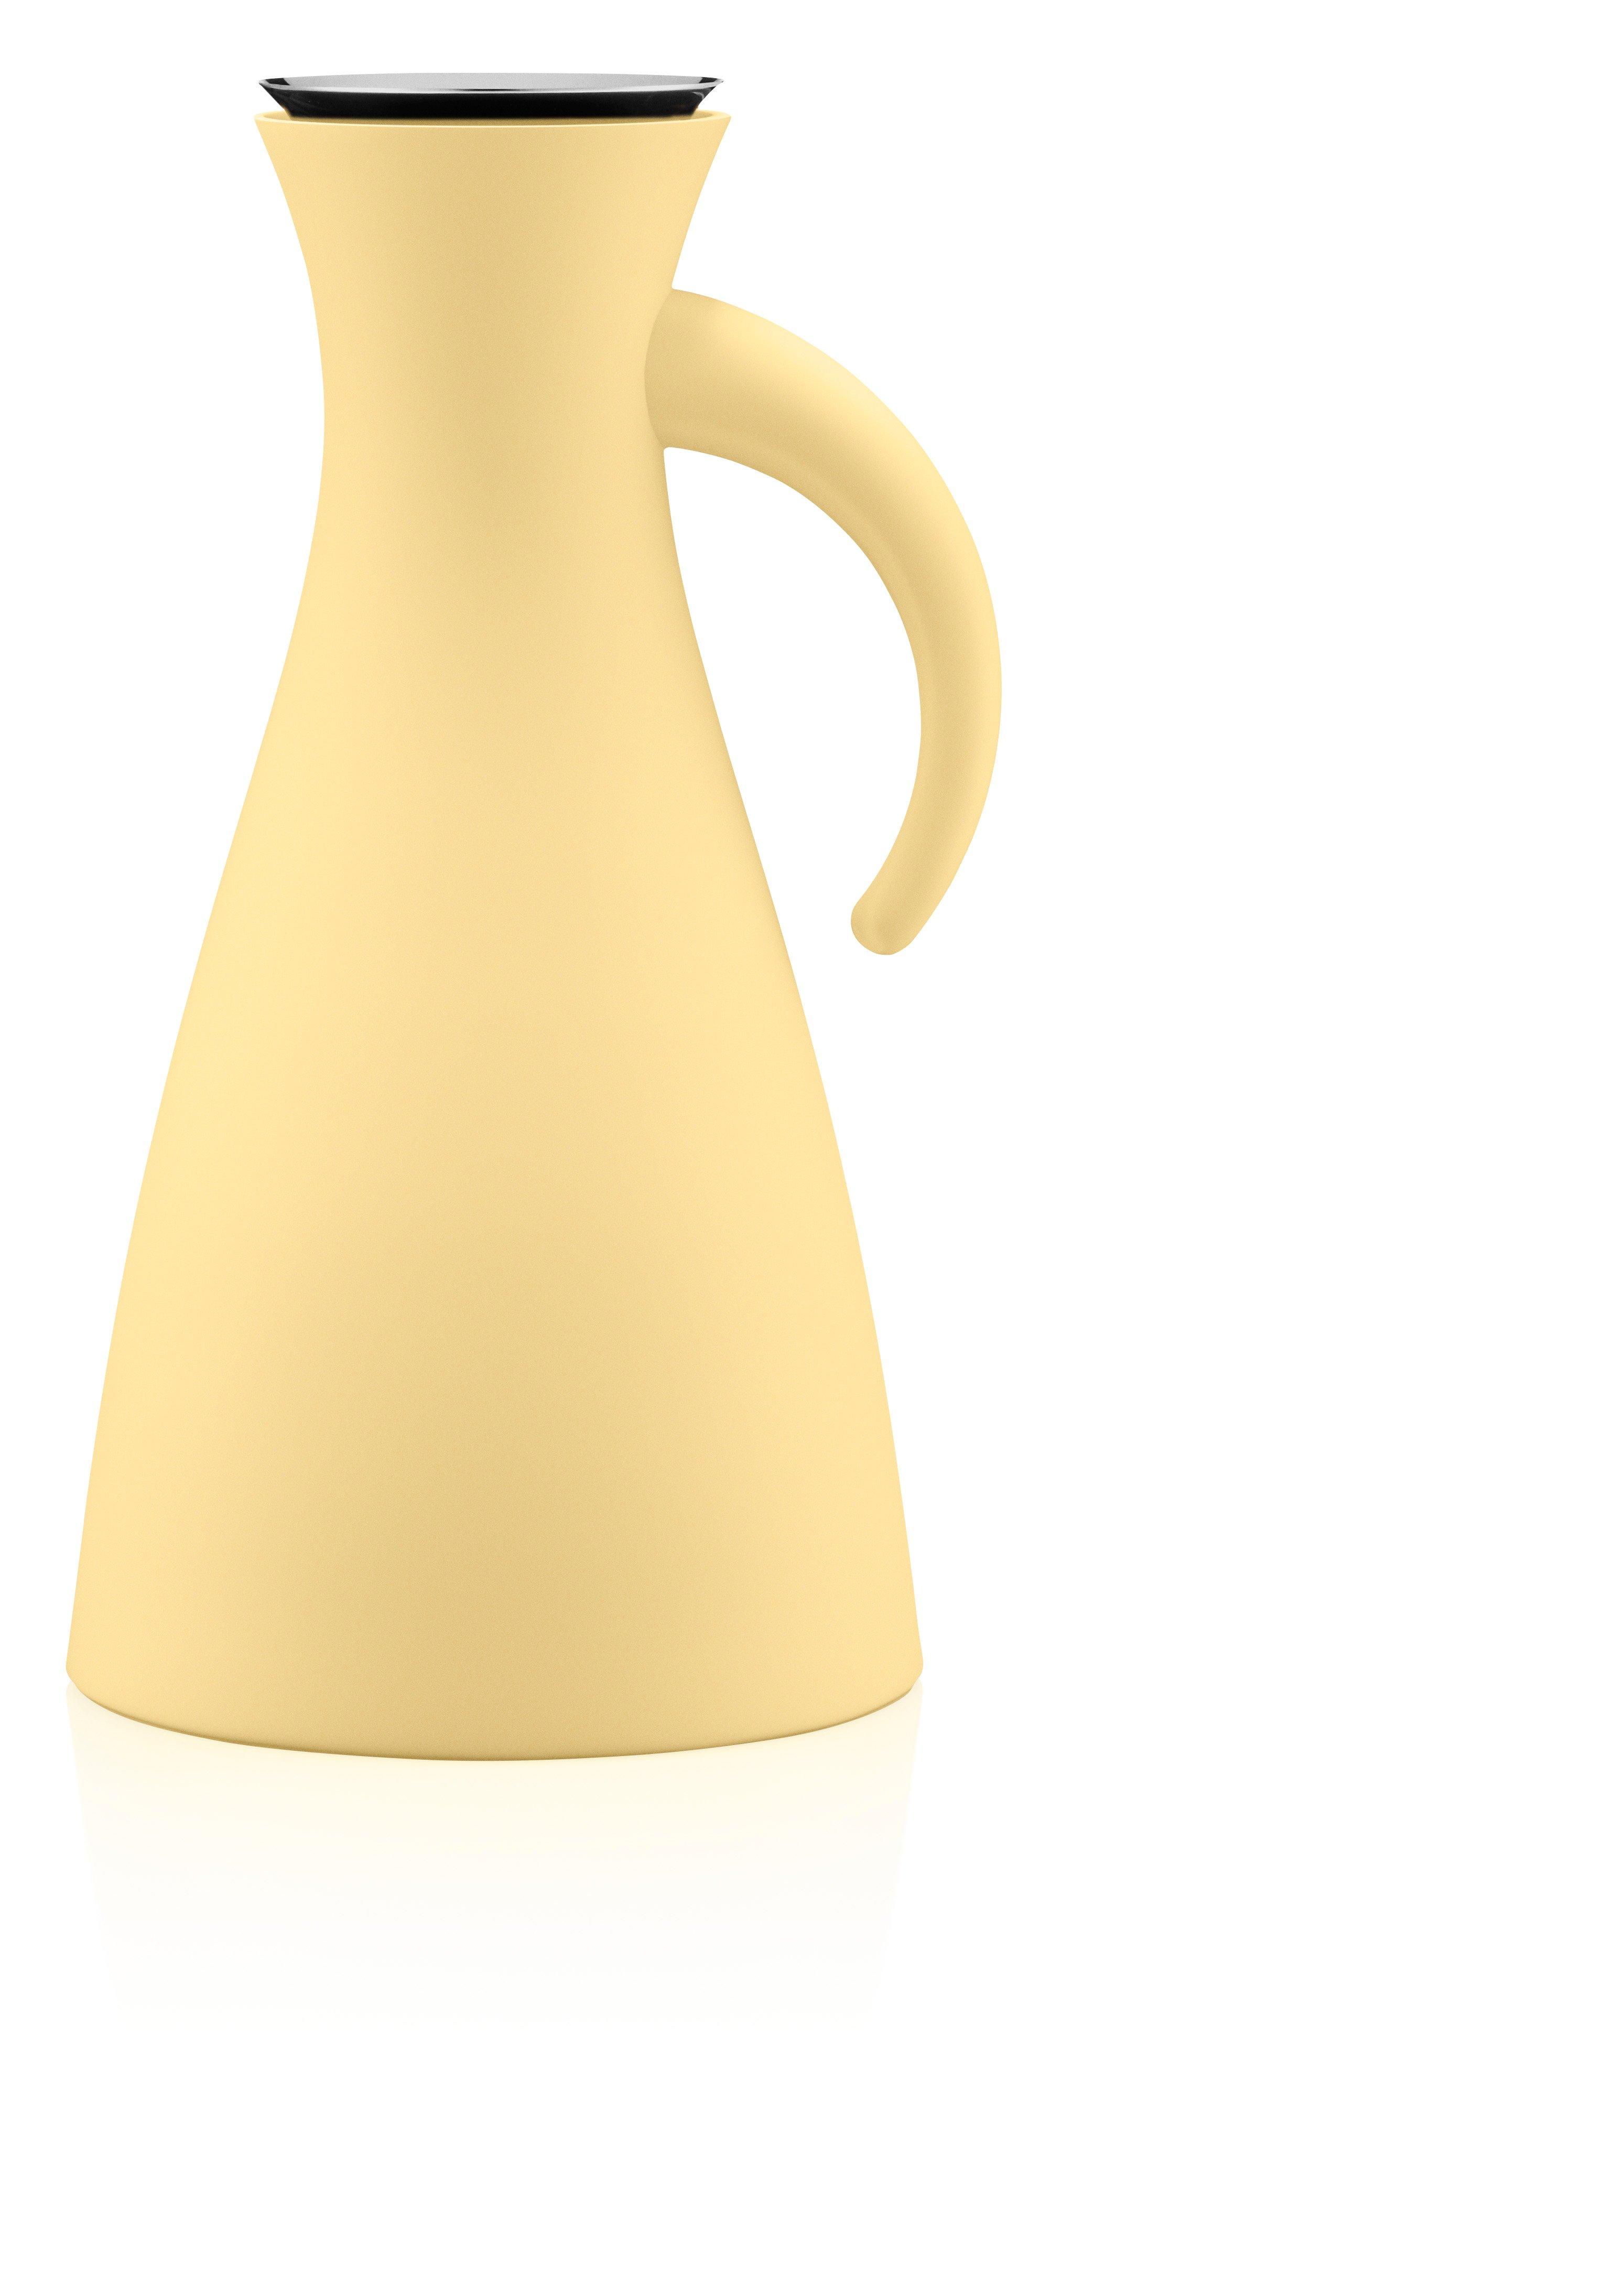 Eva Solo - Vacuum Jug 1 L - Lemon Drop (502831)